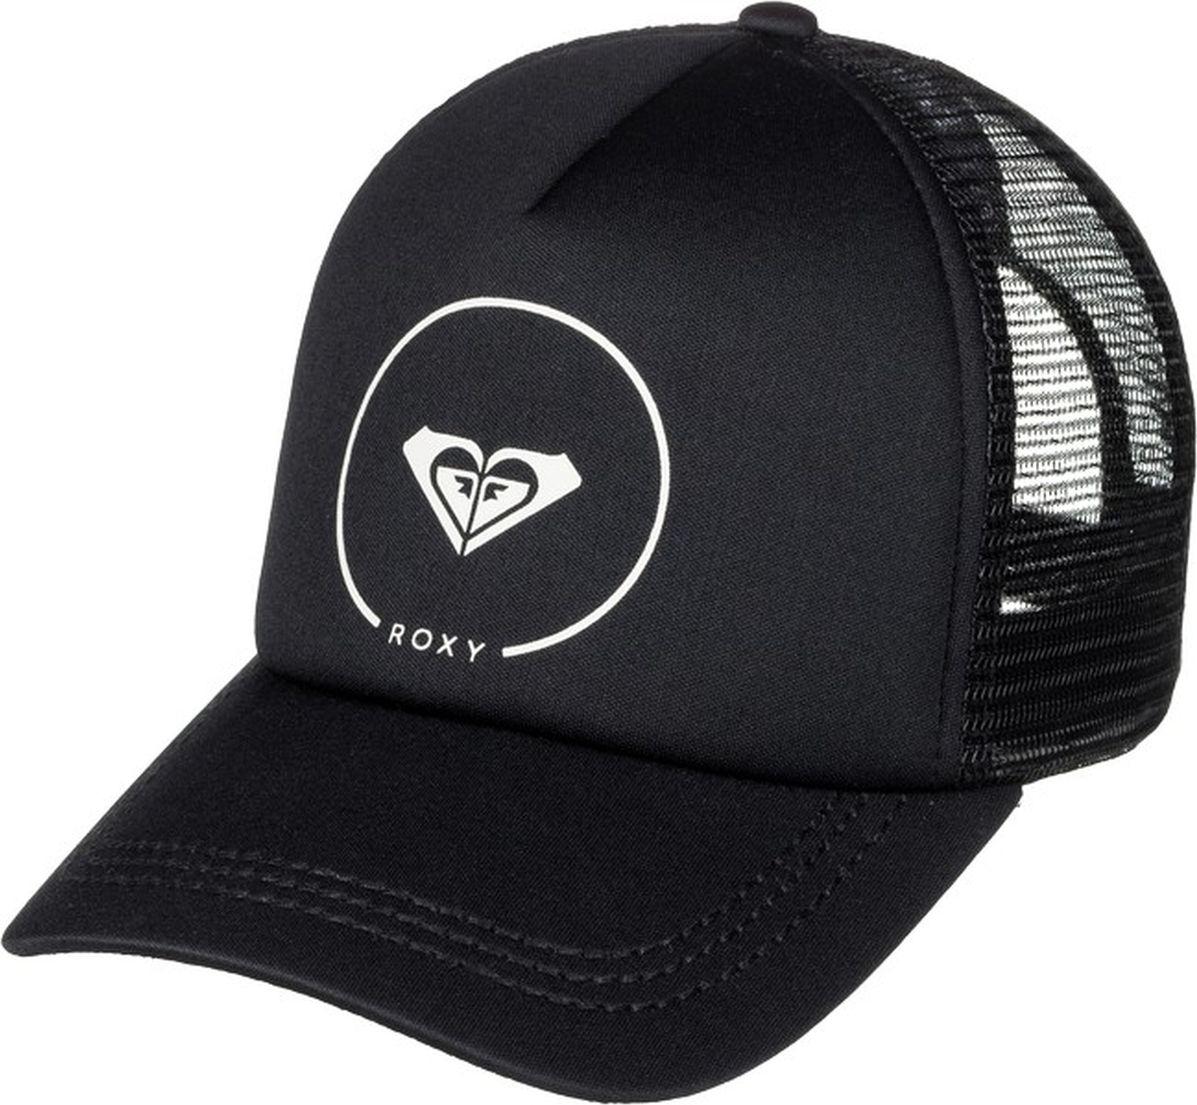 Бейсболка женская Roxy, цвет: черный. ERJHA03315-KVJ0. Размер универсальныйERJHA03315-KVJ0Бейсболка от Roxy с полукруглым козырьком выполнена из полиэстера. Модель с сеткой на затылке. Объем бейсболки регулируется при помощи пластиковой застежки.